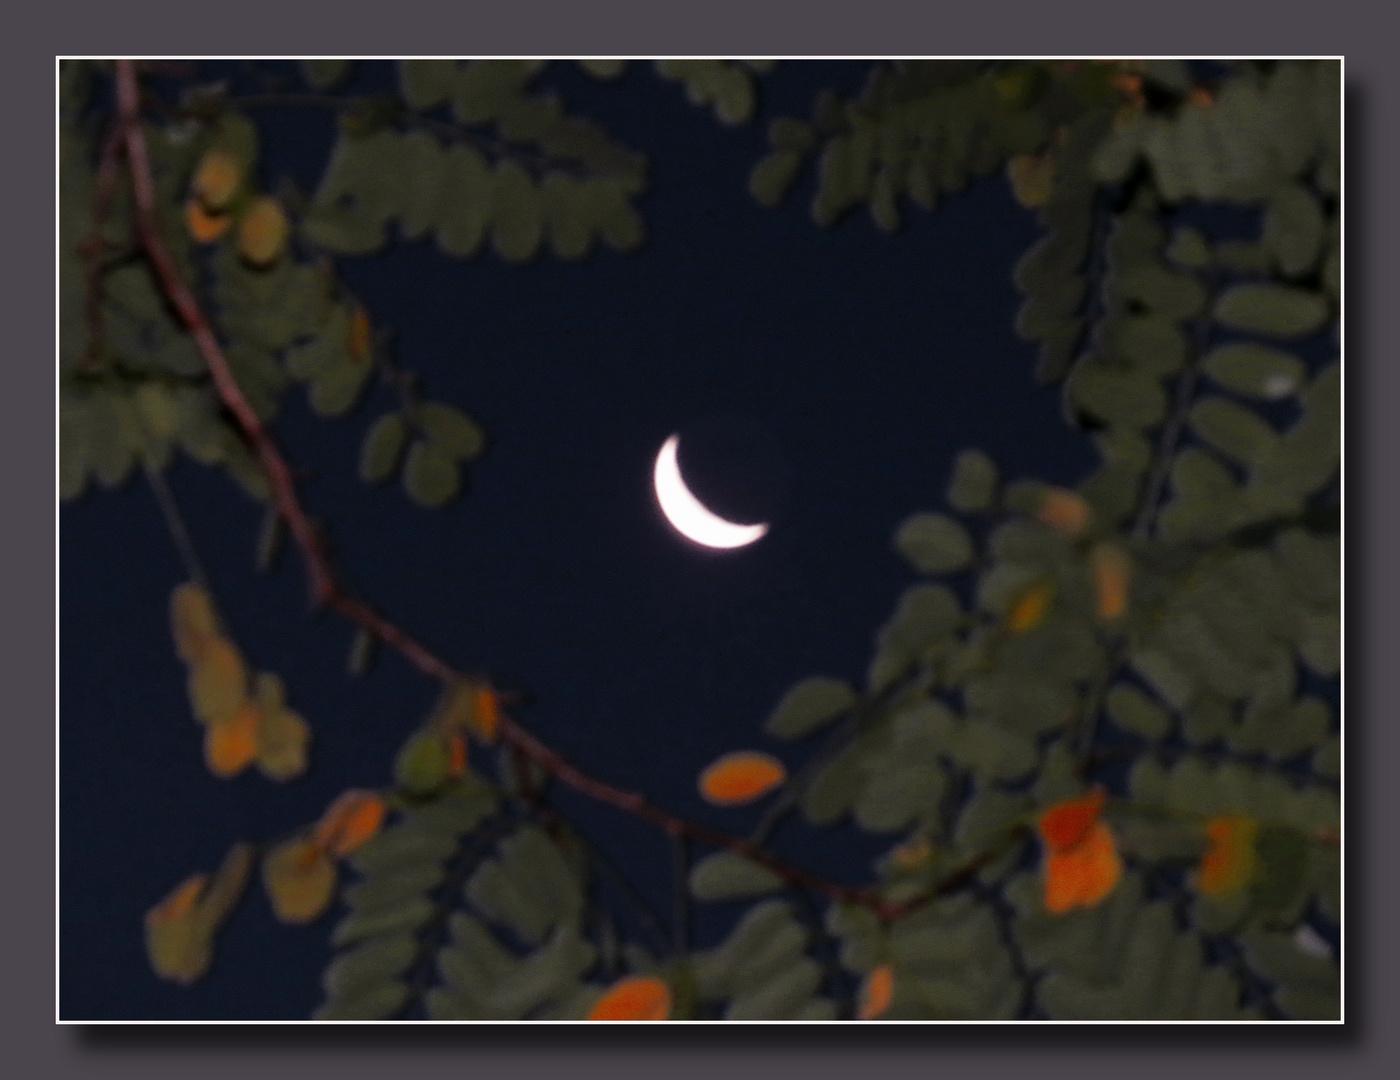 heute früh begegnet : den deutlich abnehmenden 6.30 Uhr Sonntags-Mond,